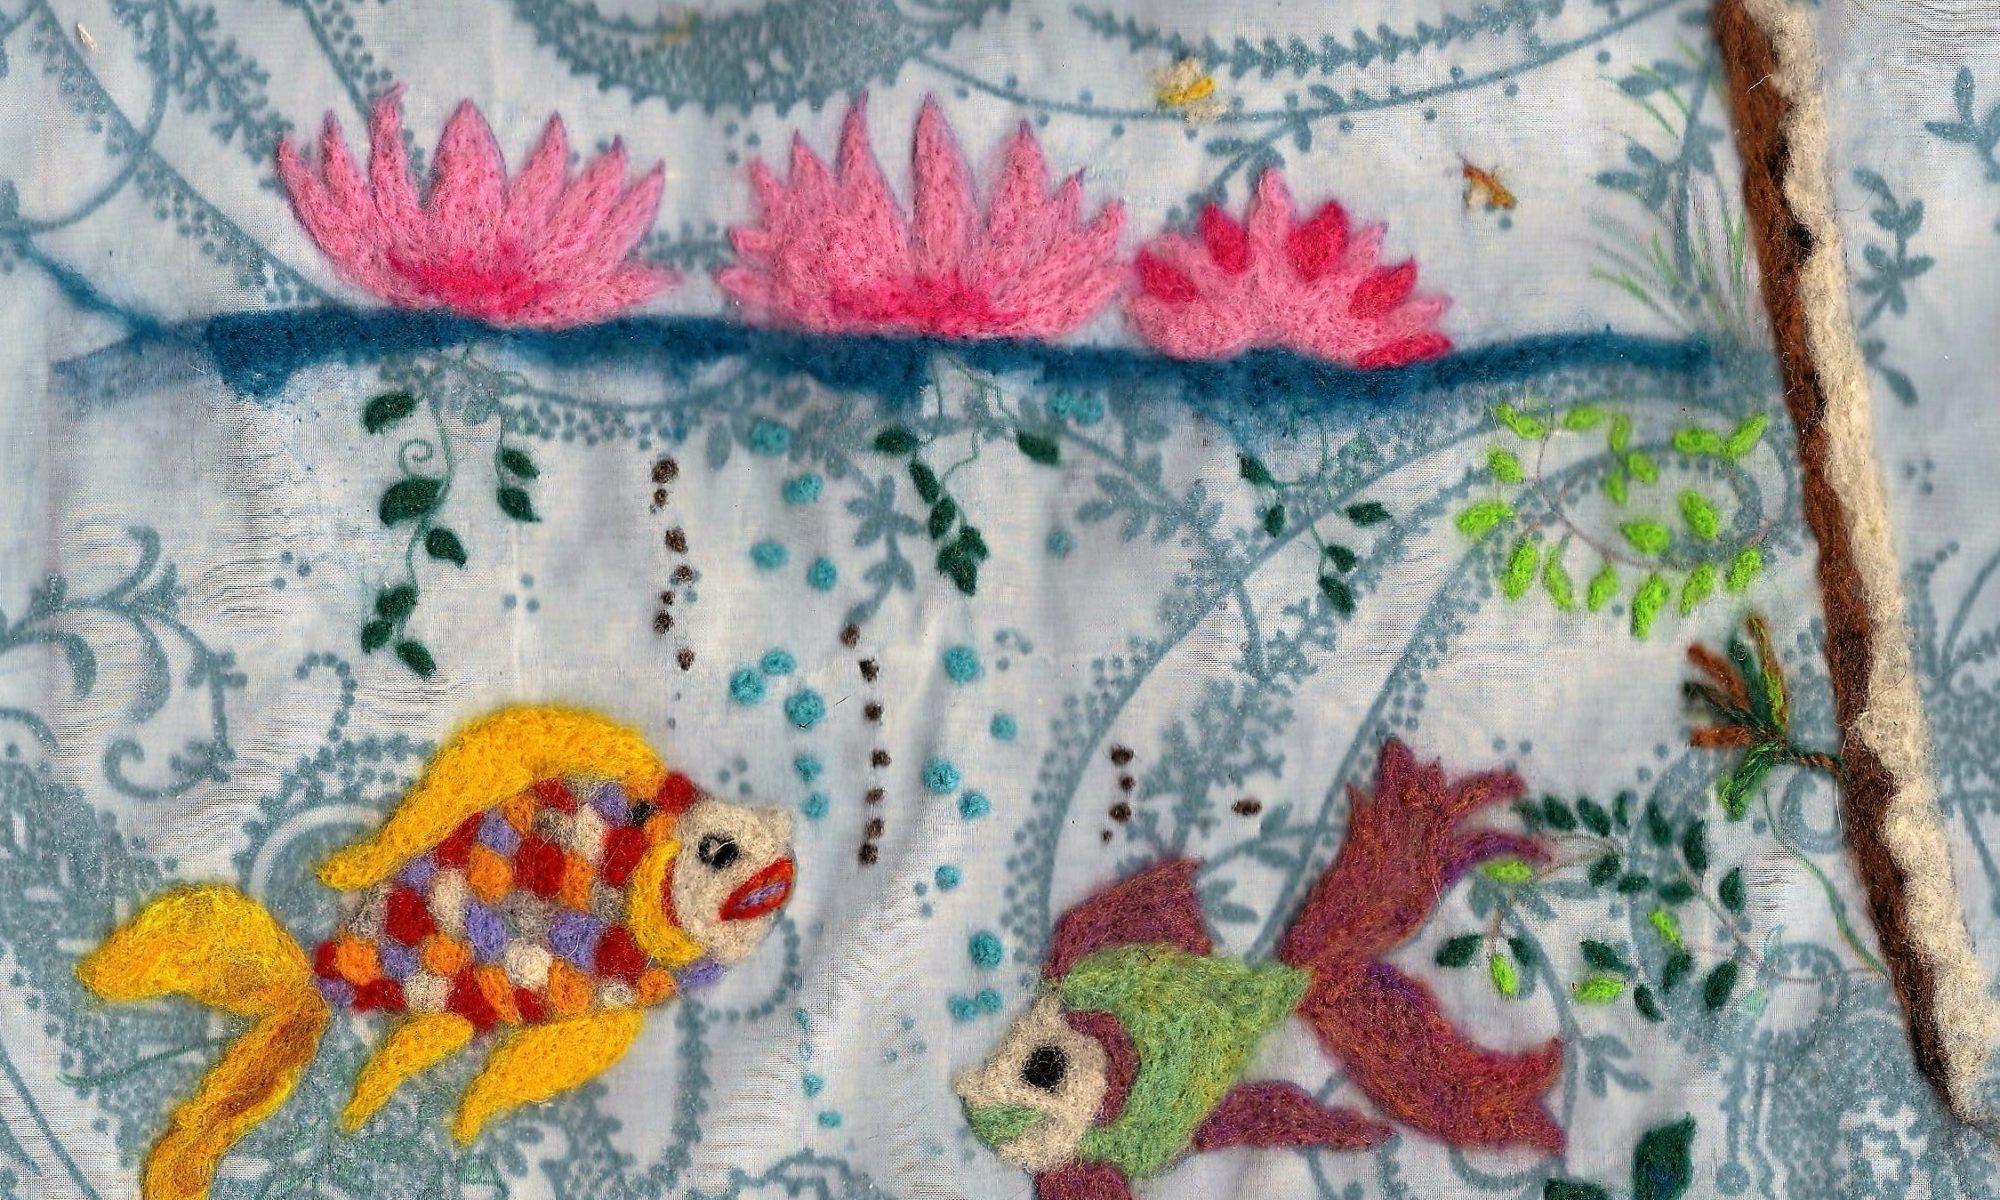 Tableau en laine feutrée poisson